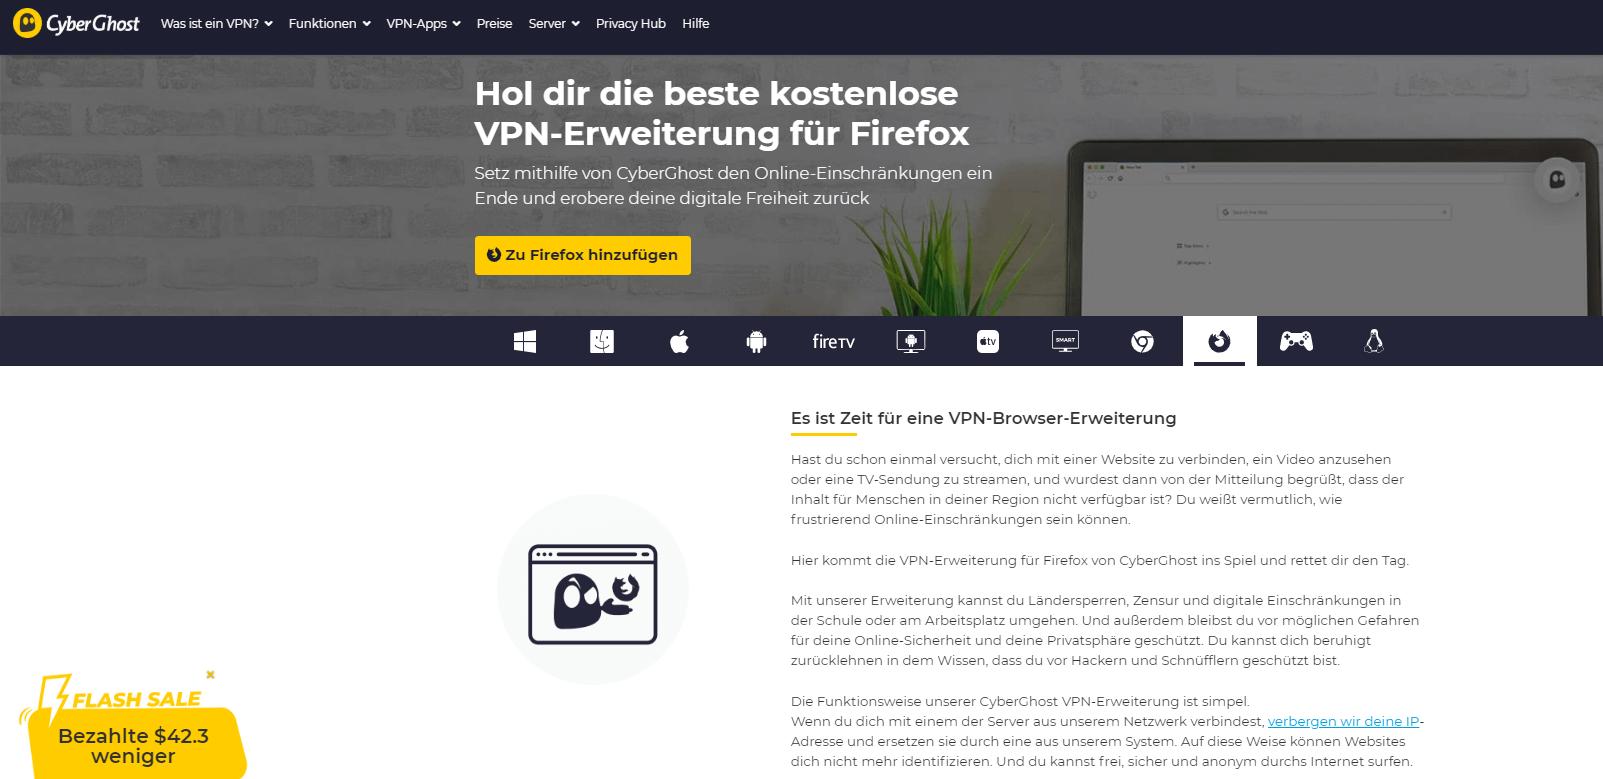 CyberGhost Firefox